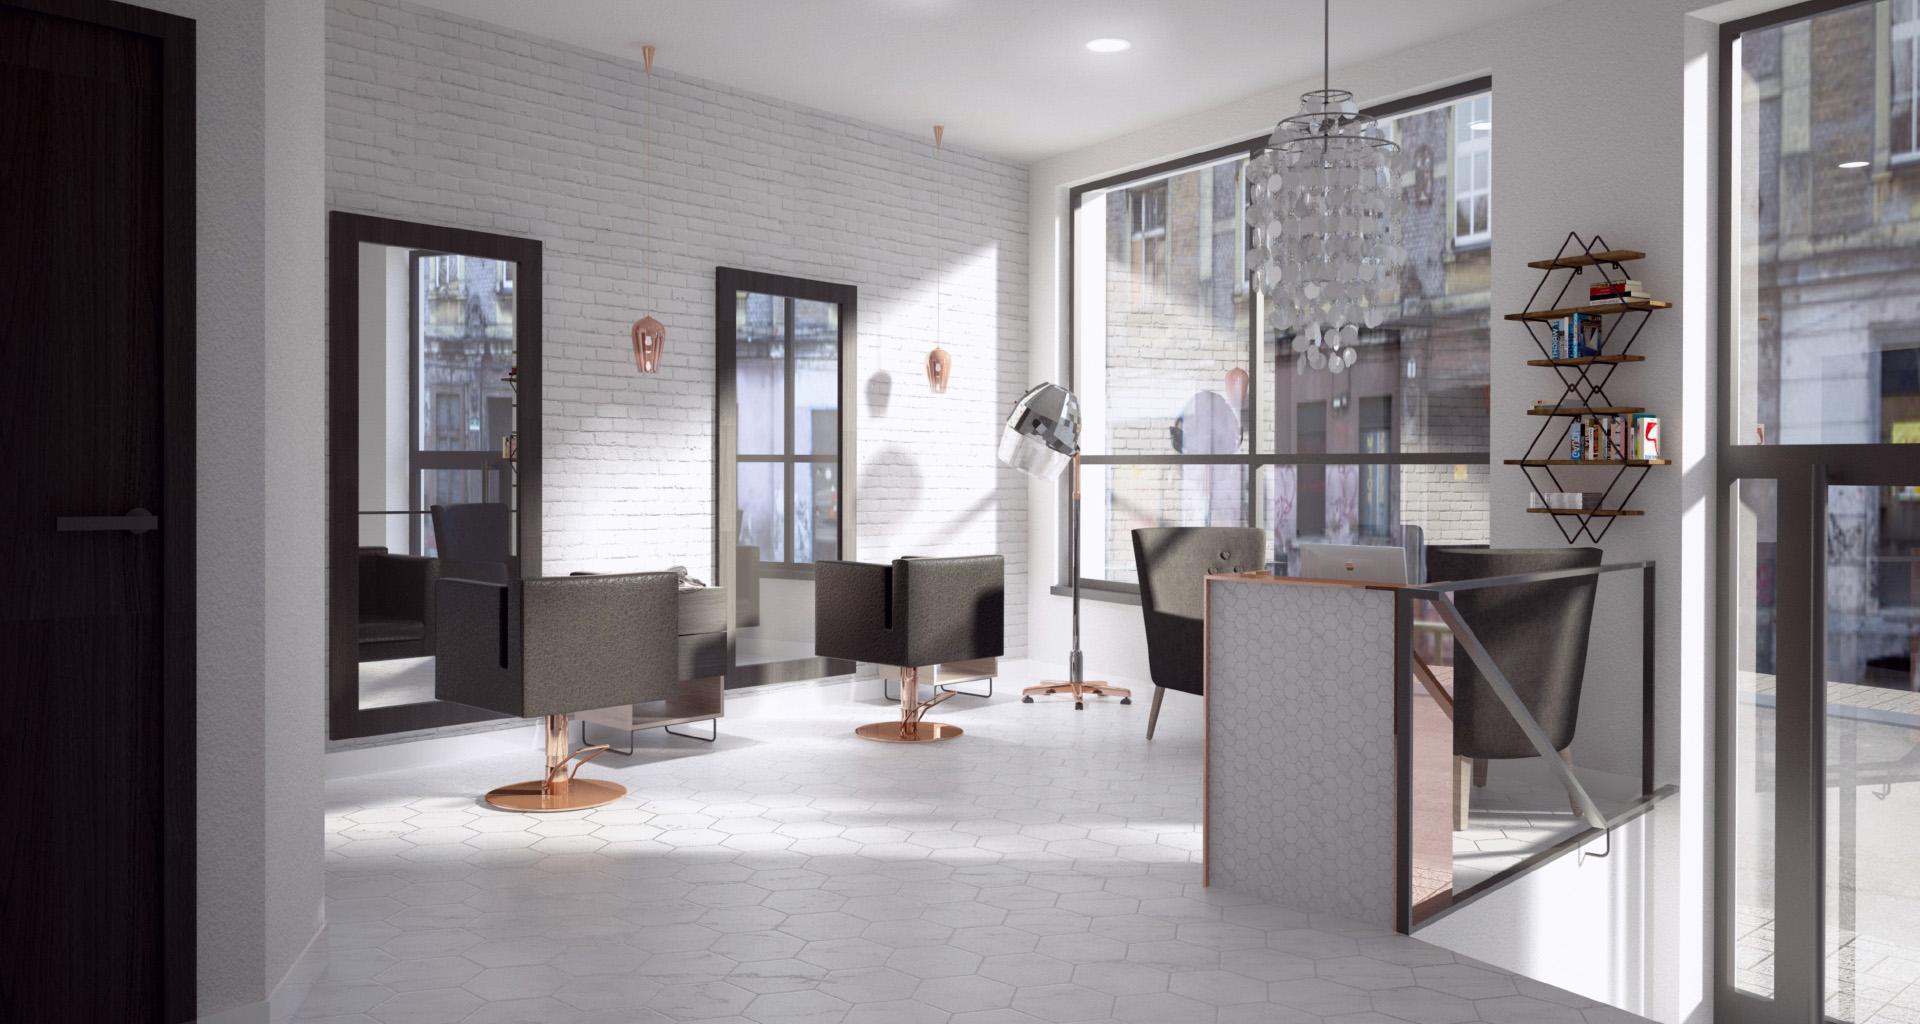 Wizualizacja wnętrza salonu fryzjerskiego. M2 Architektura